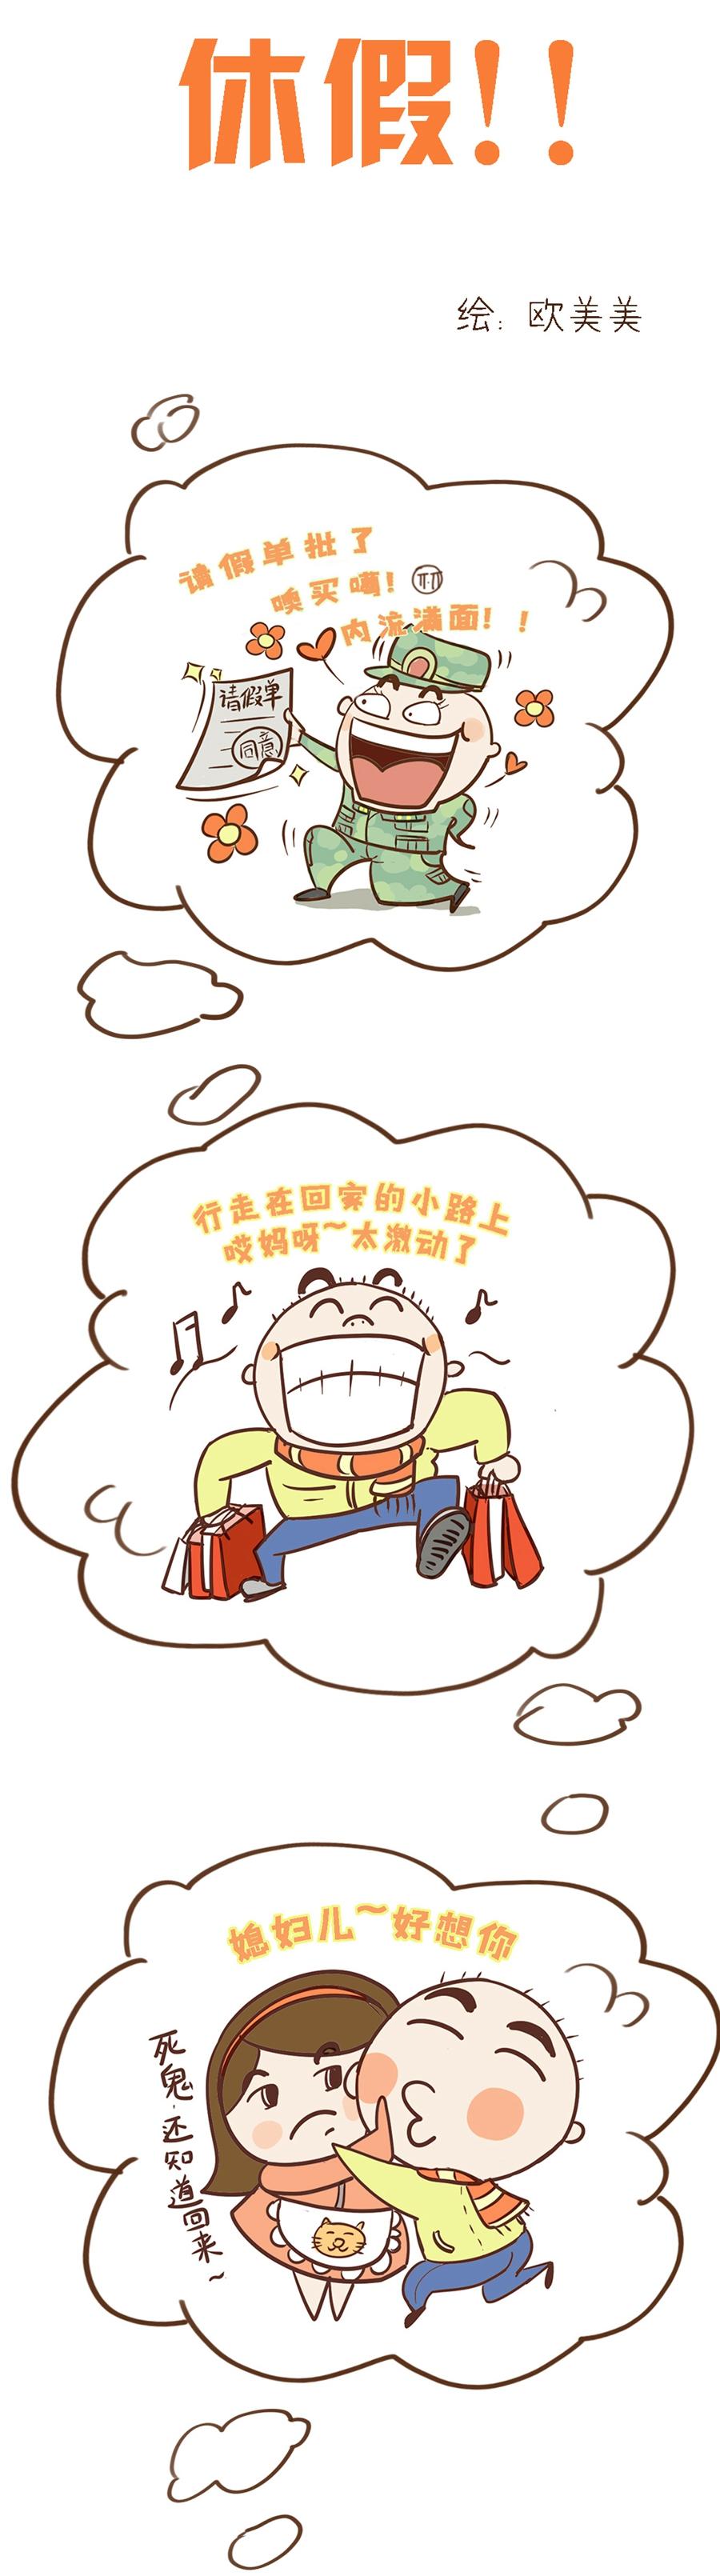 动漫 卡通 漫画 设计 矢量 矢量图 素材 头像 900_3220 竖版 竖屏